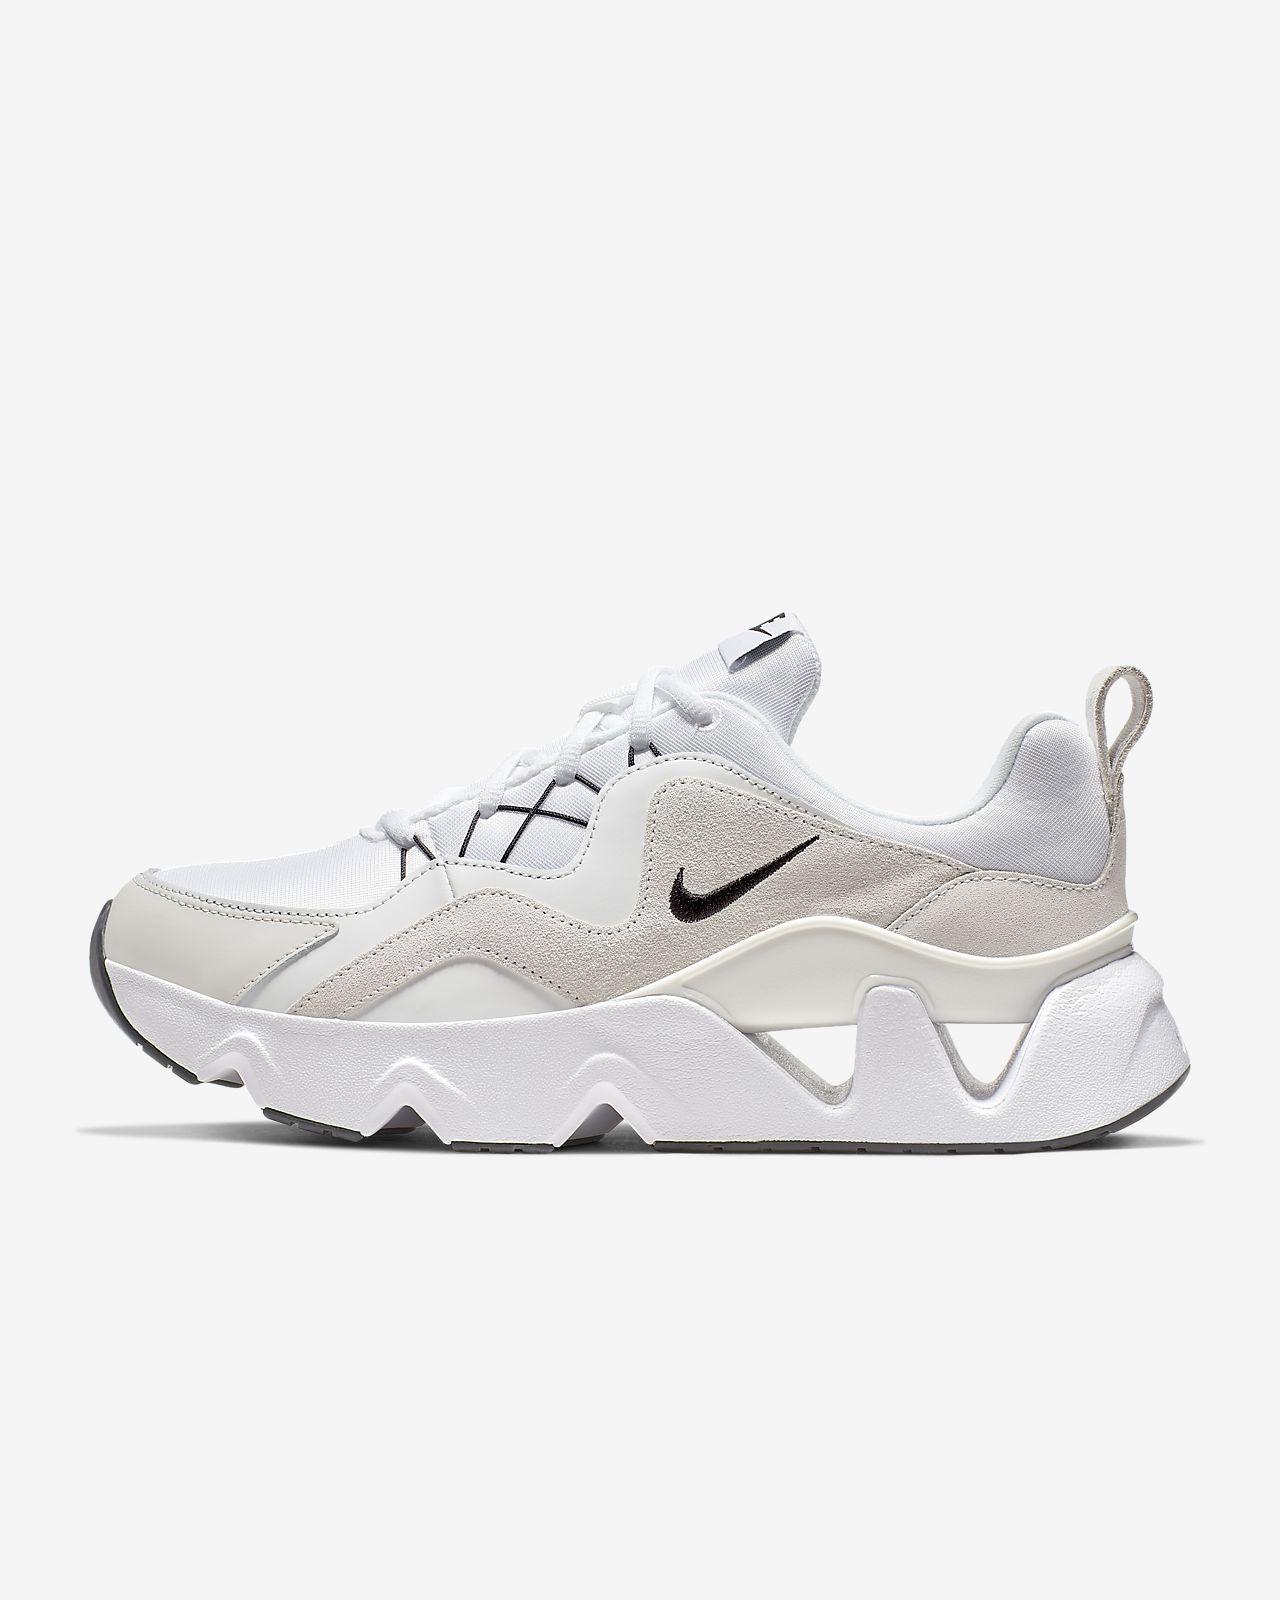 Ryz 365 Kadin Ayakkabisi Nike Tr Nike Air Max Bayan Ayakkabi Nike Air